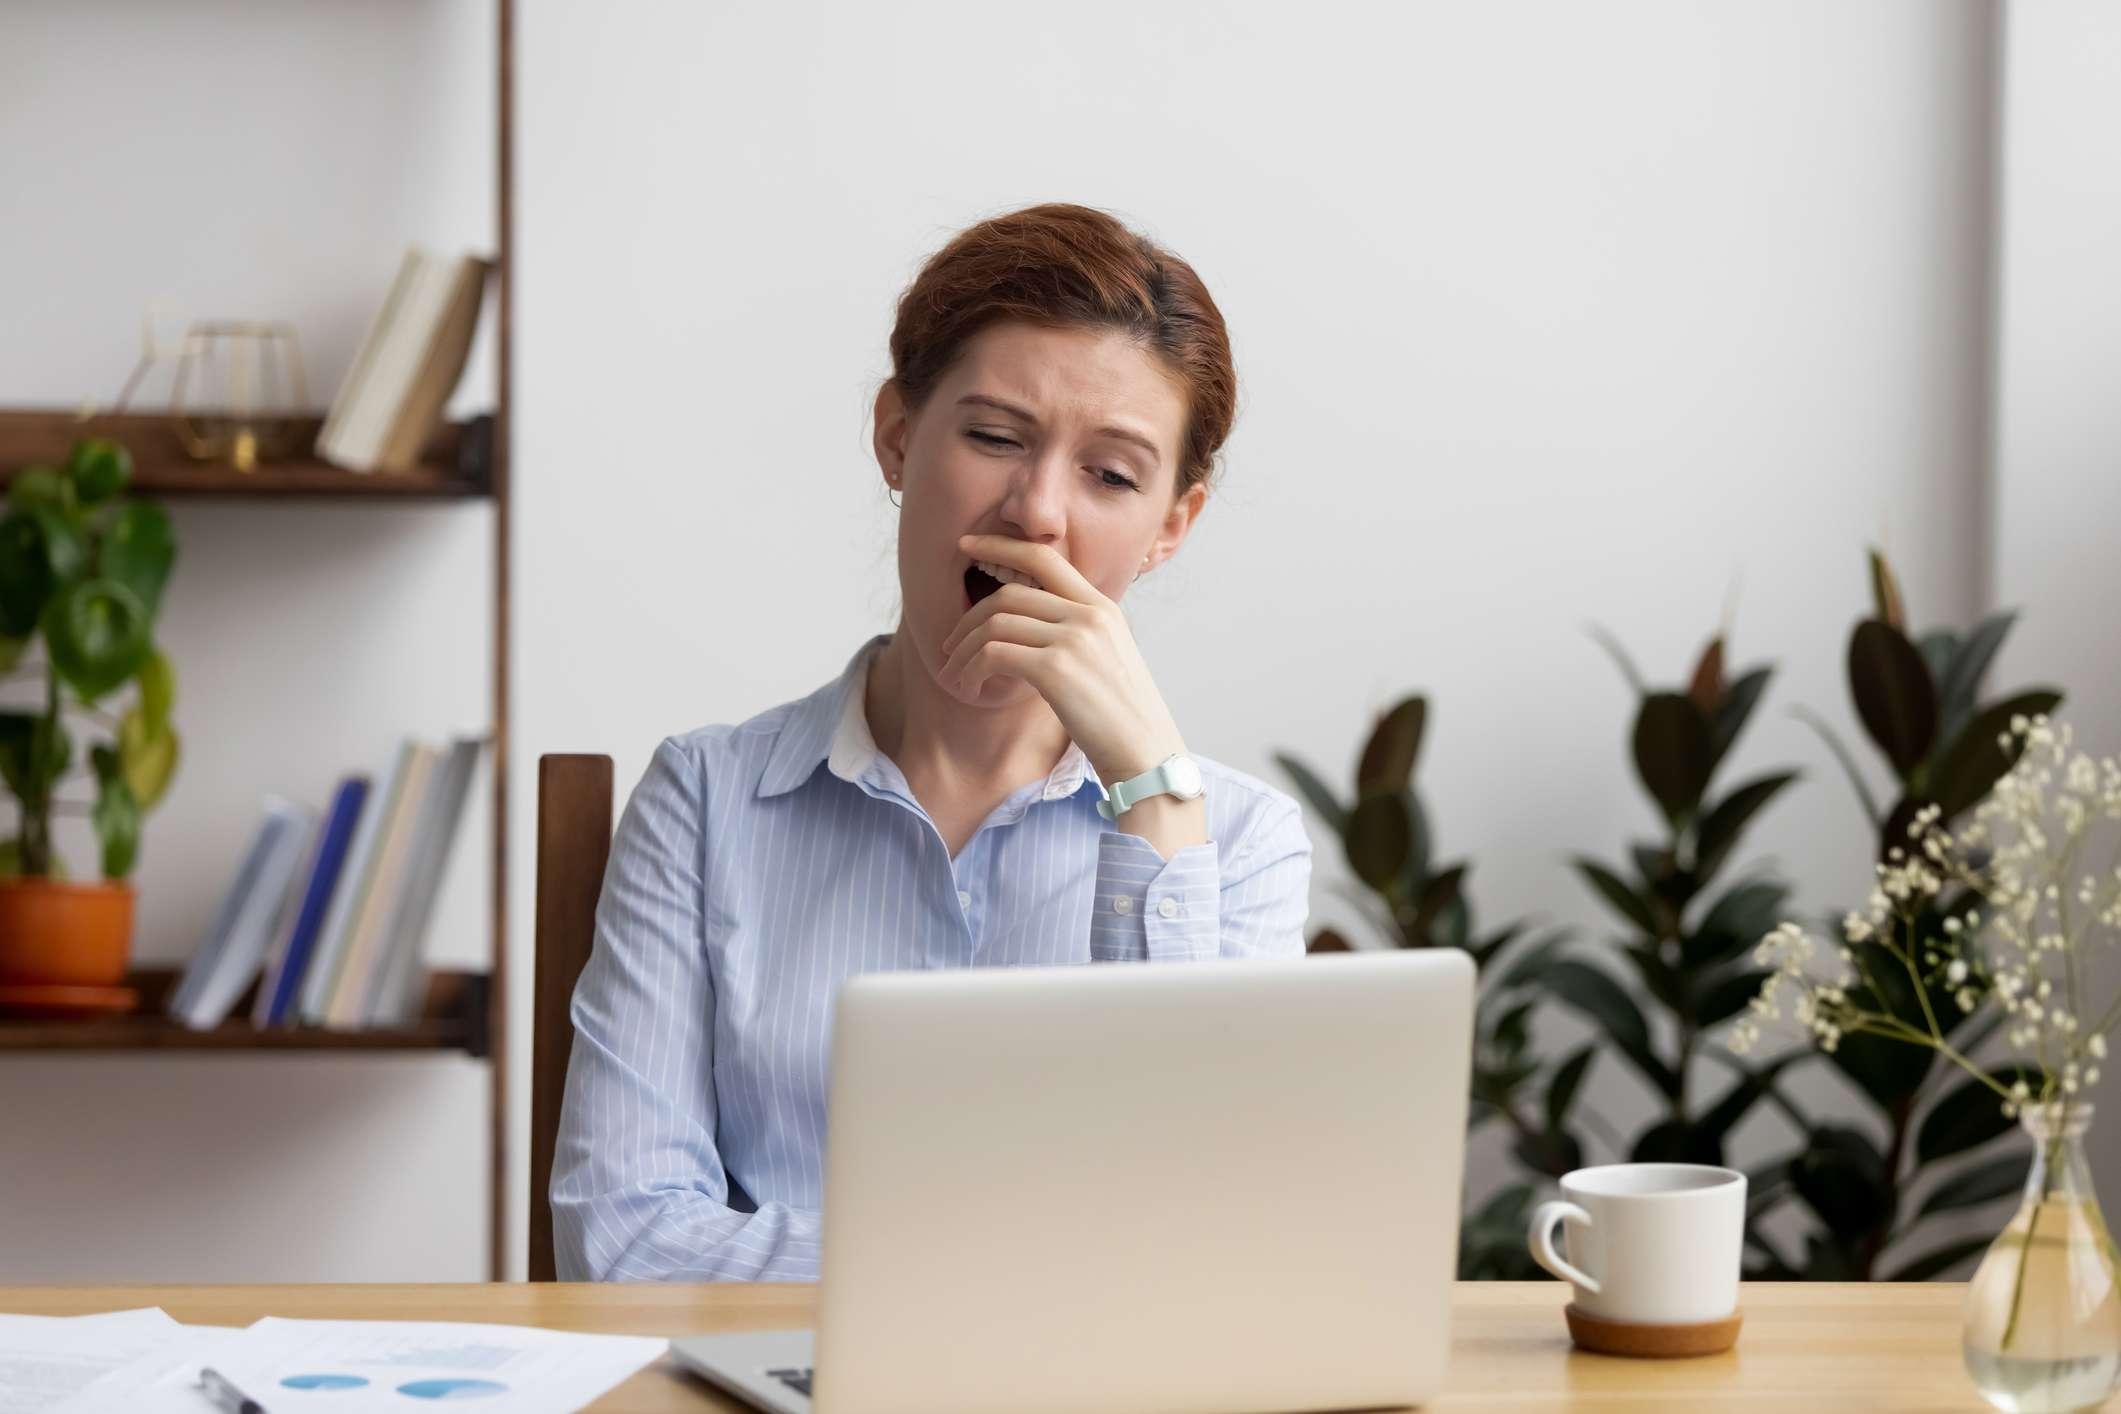 Woman yawning looking at computer